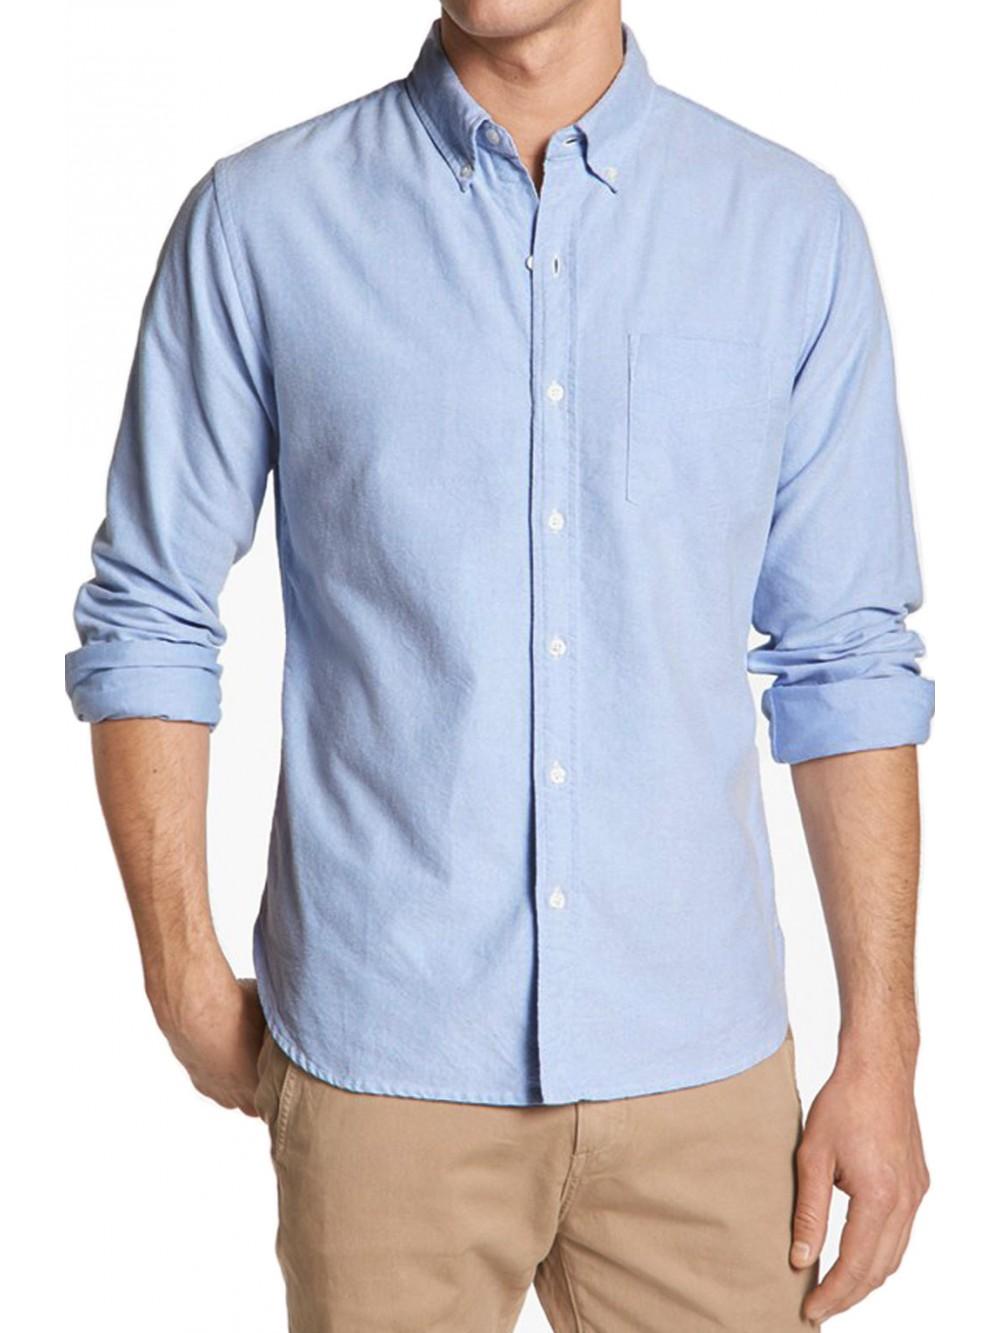 Conseils pour bien choisir votre chemise